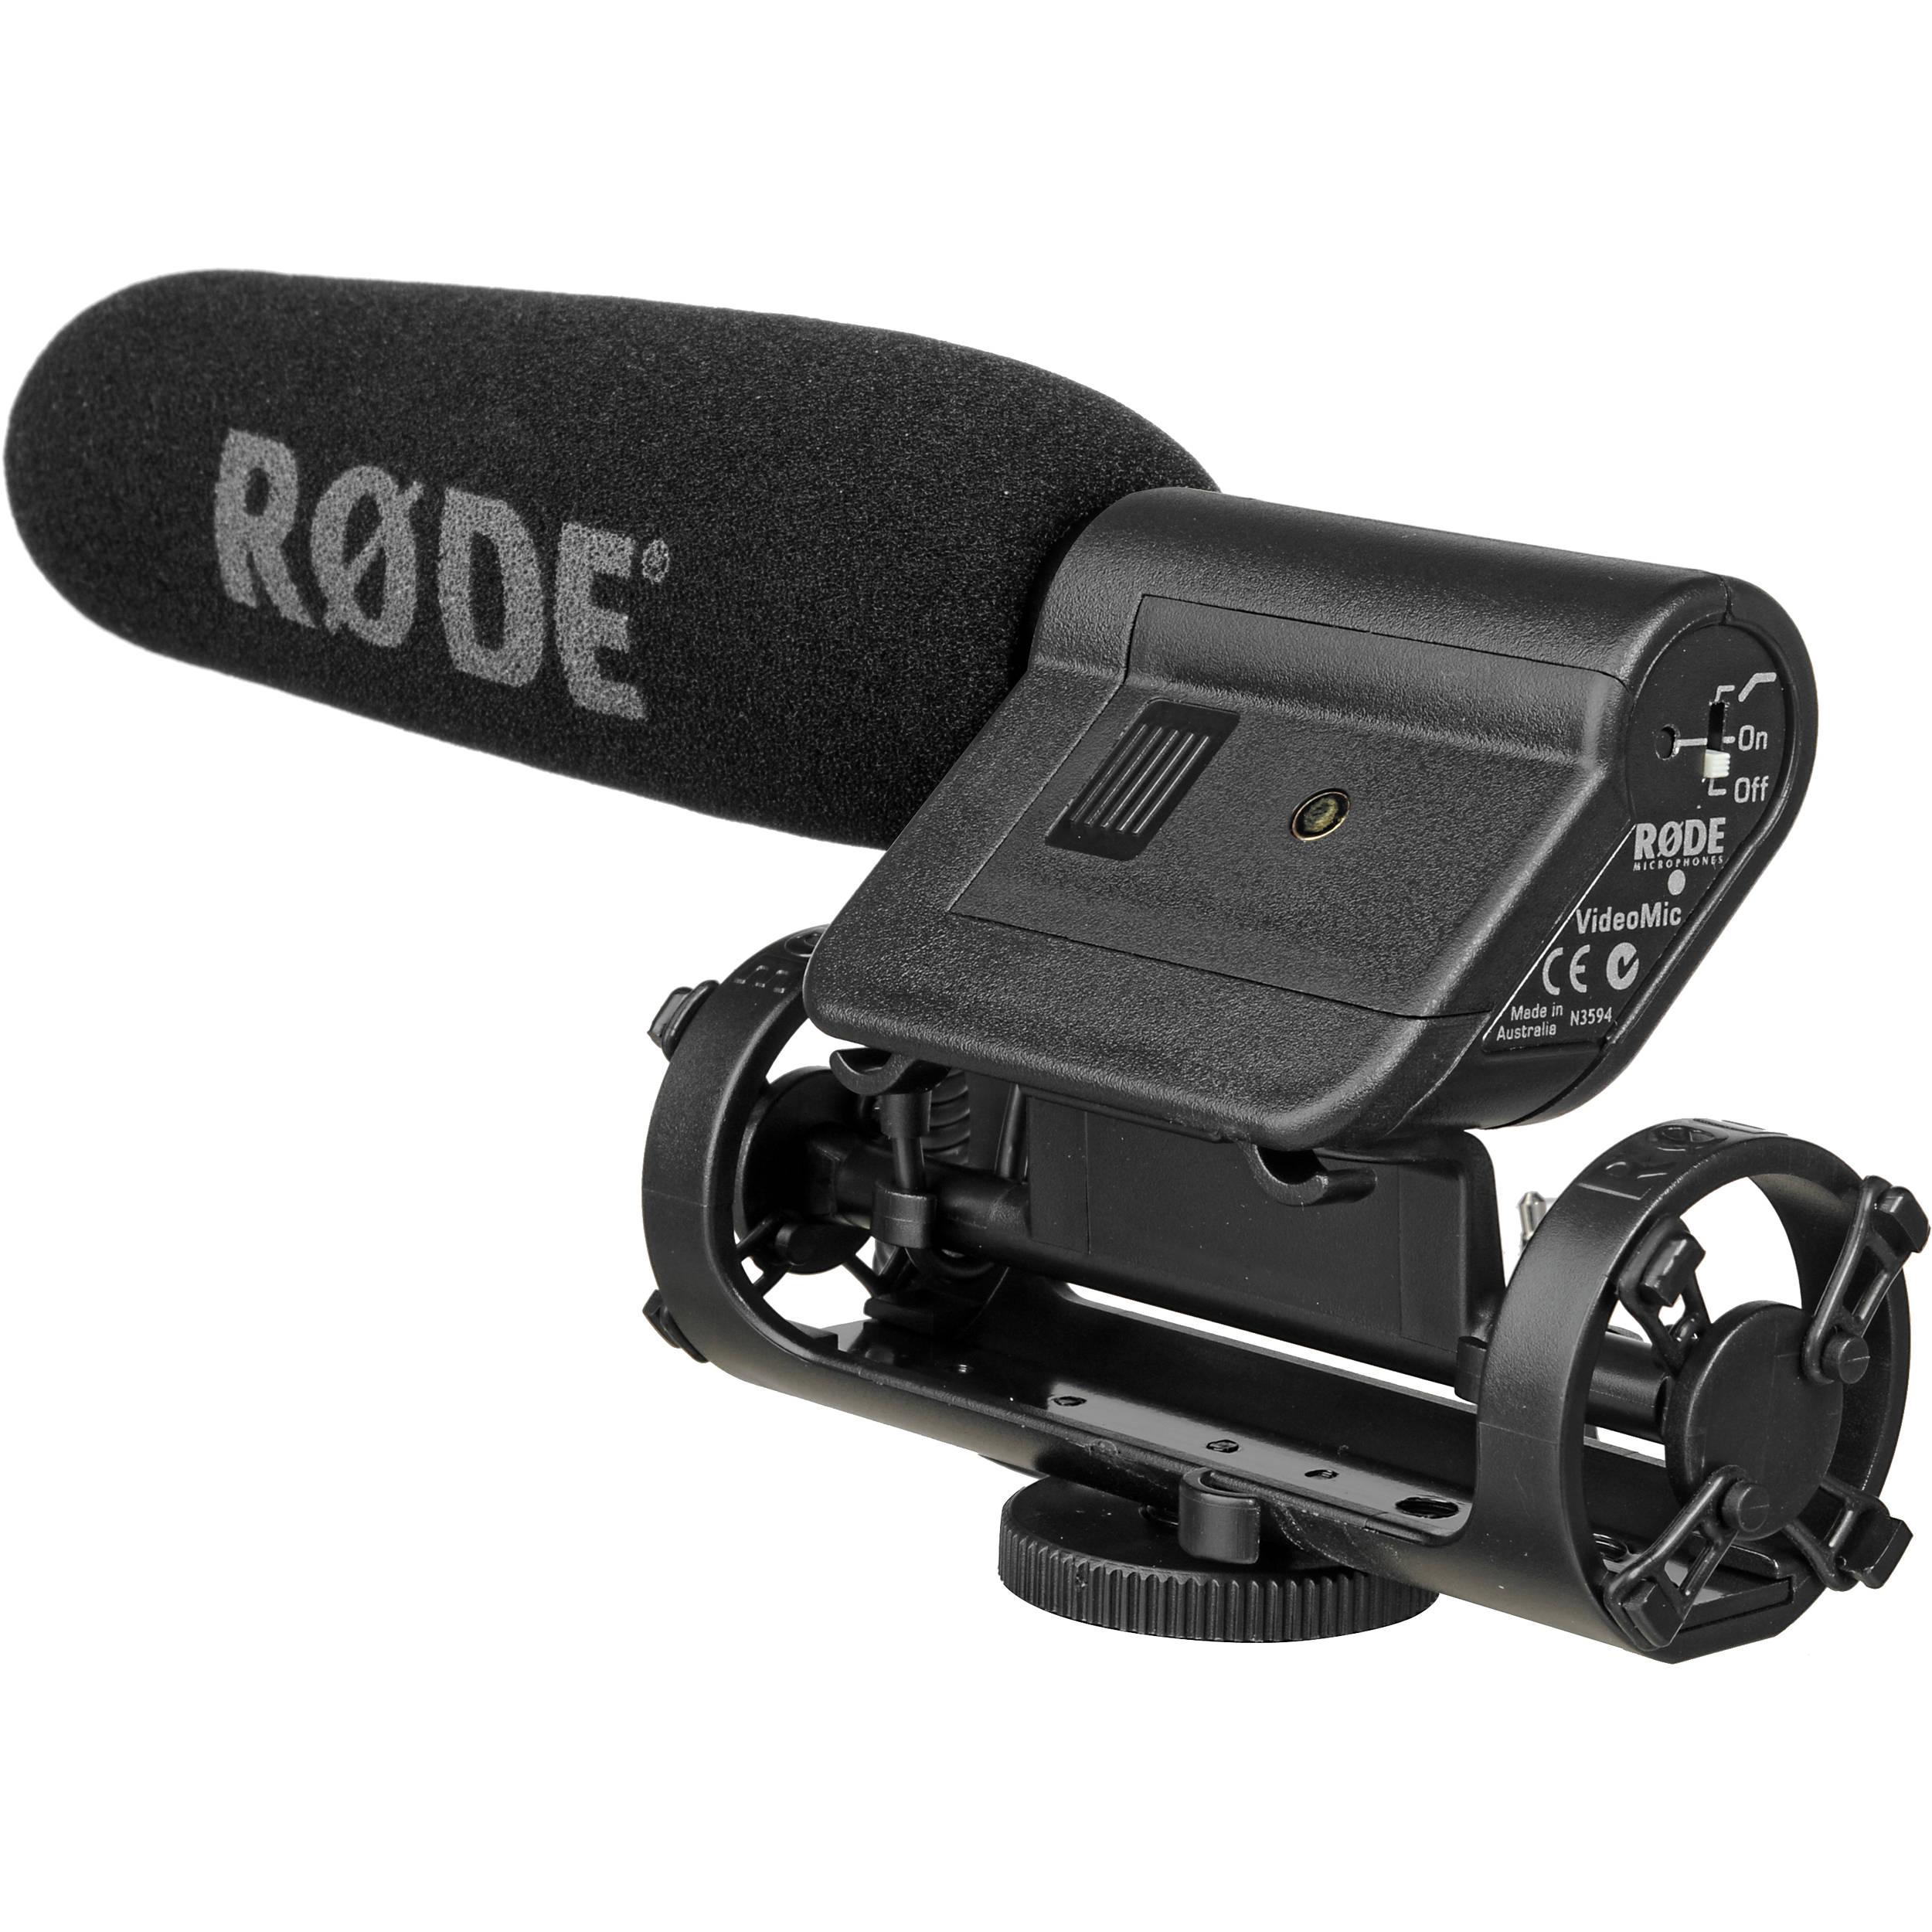 Rode VideoMic - Camera Mounted Shotgun Microphone B&H Photo